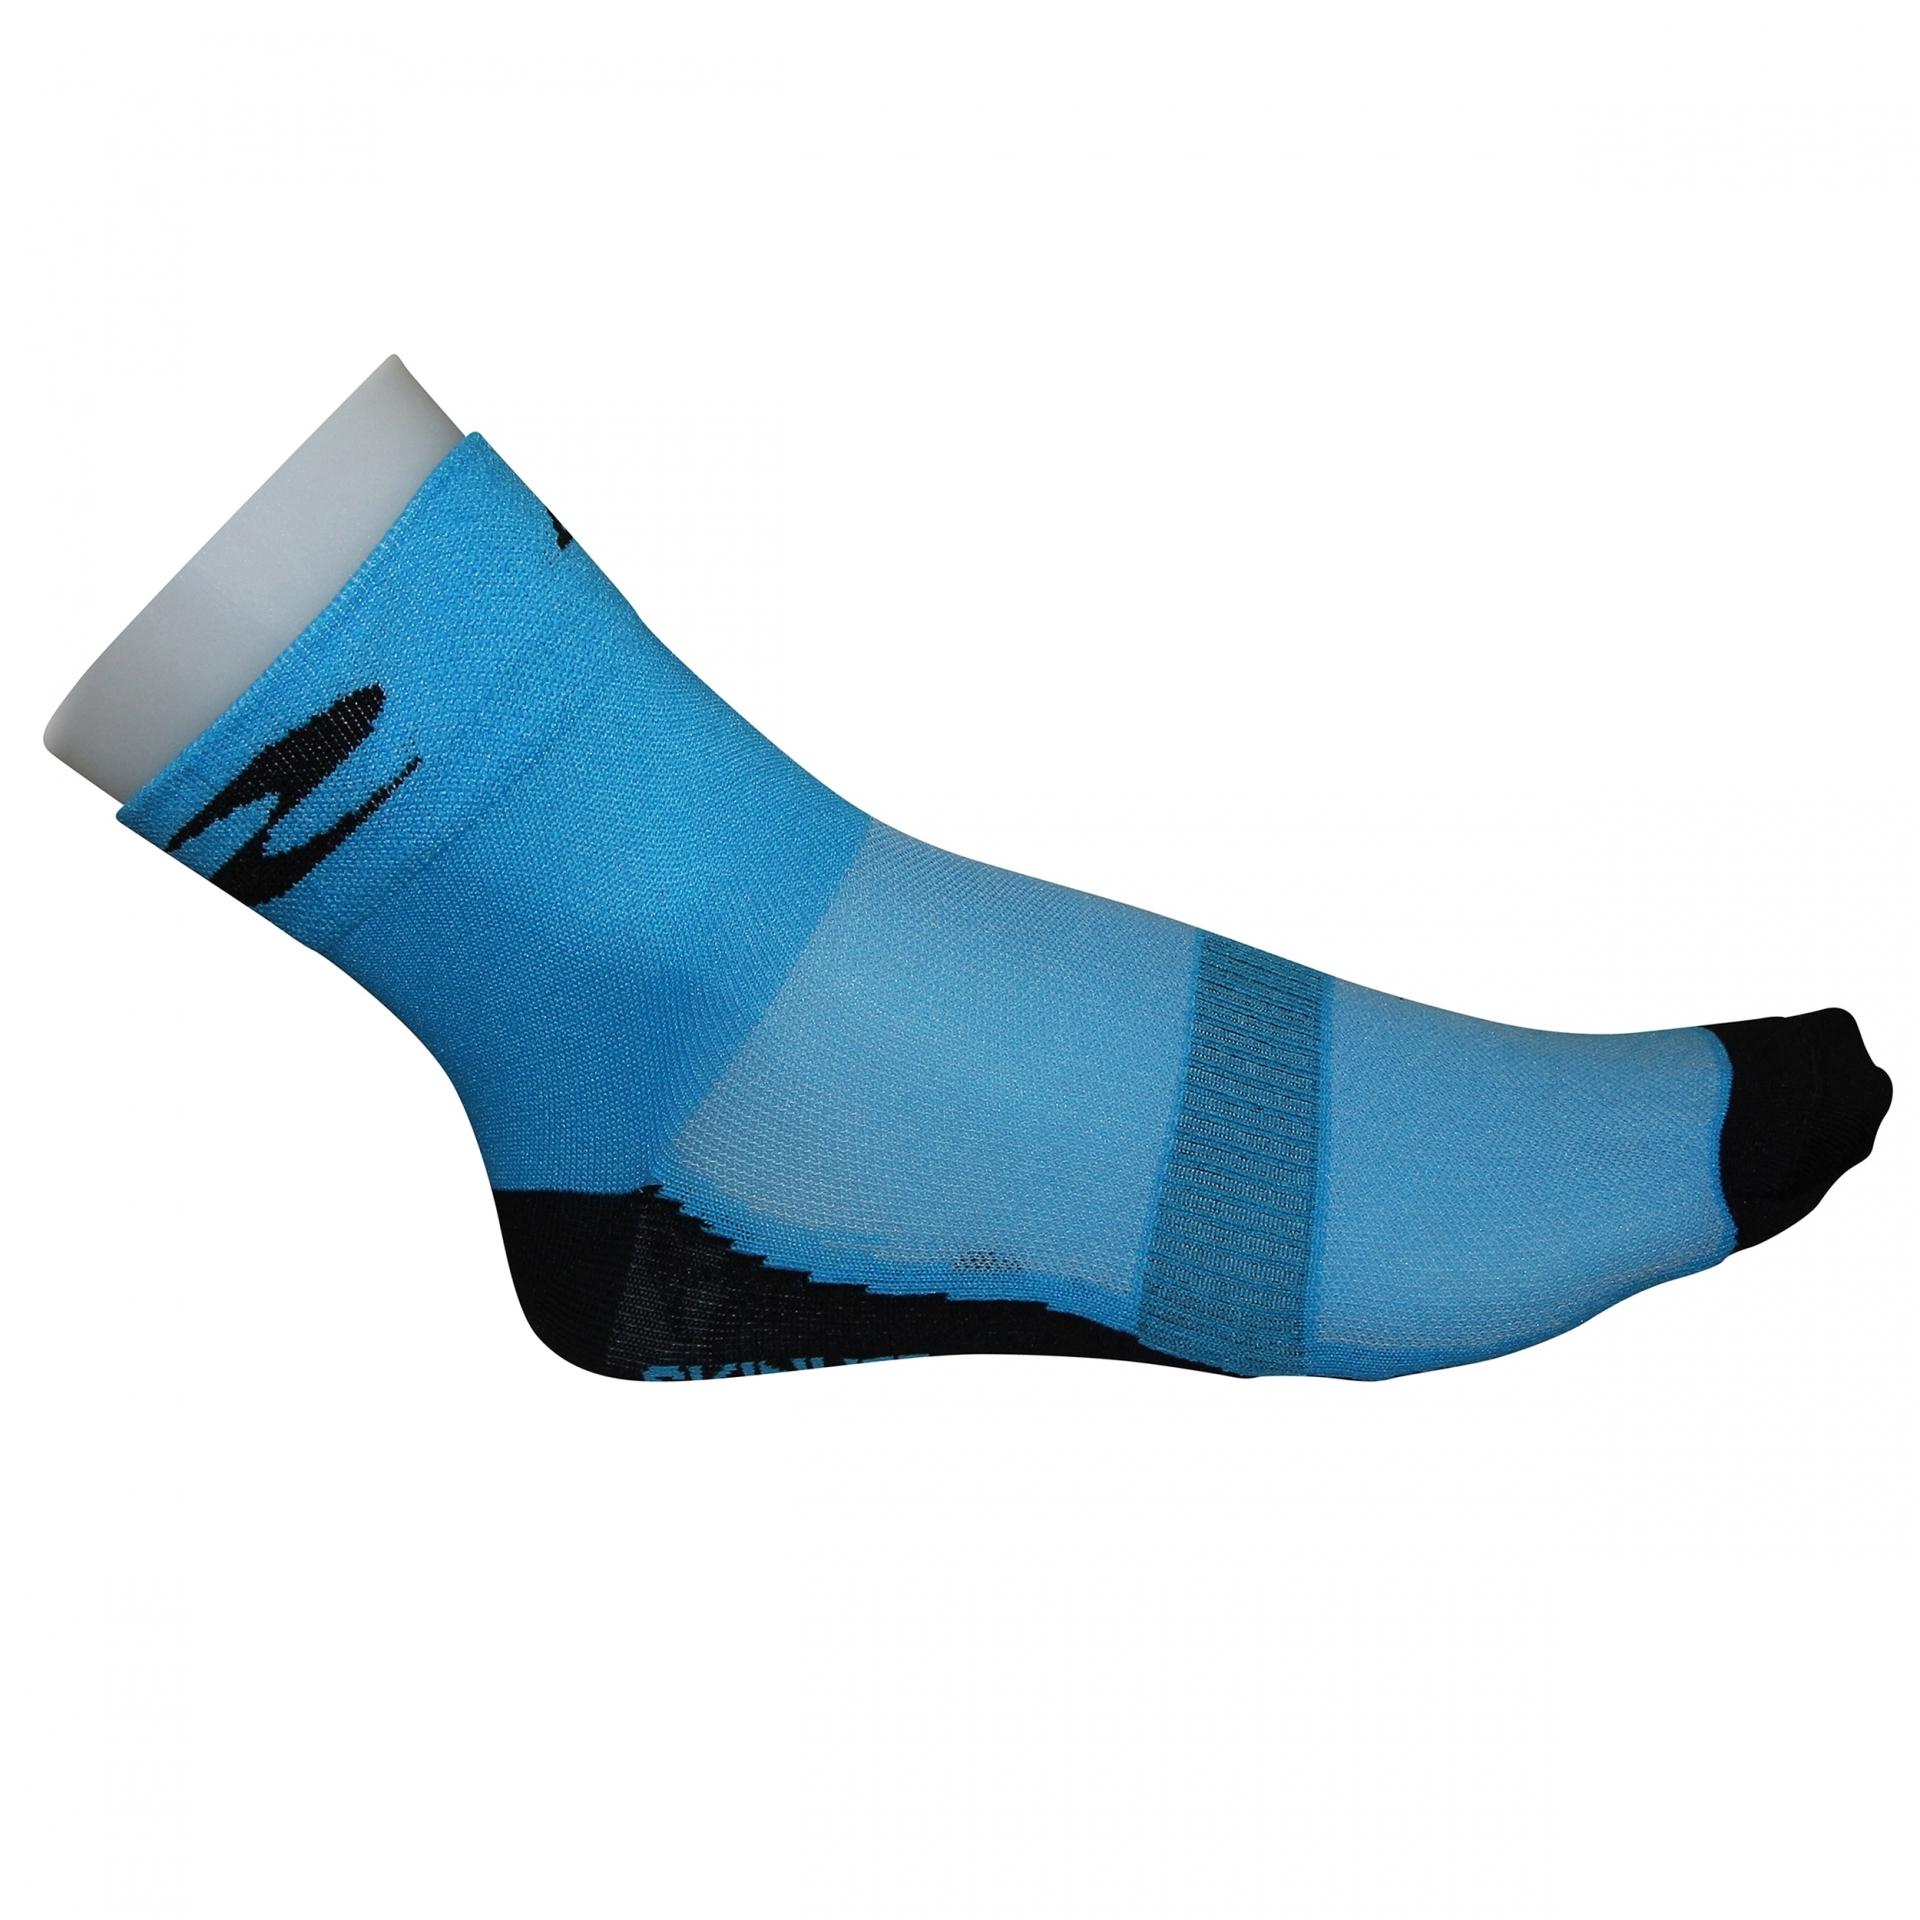 Socquettes été GIST Coton 10 cm Bleu Sky - 36-39